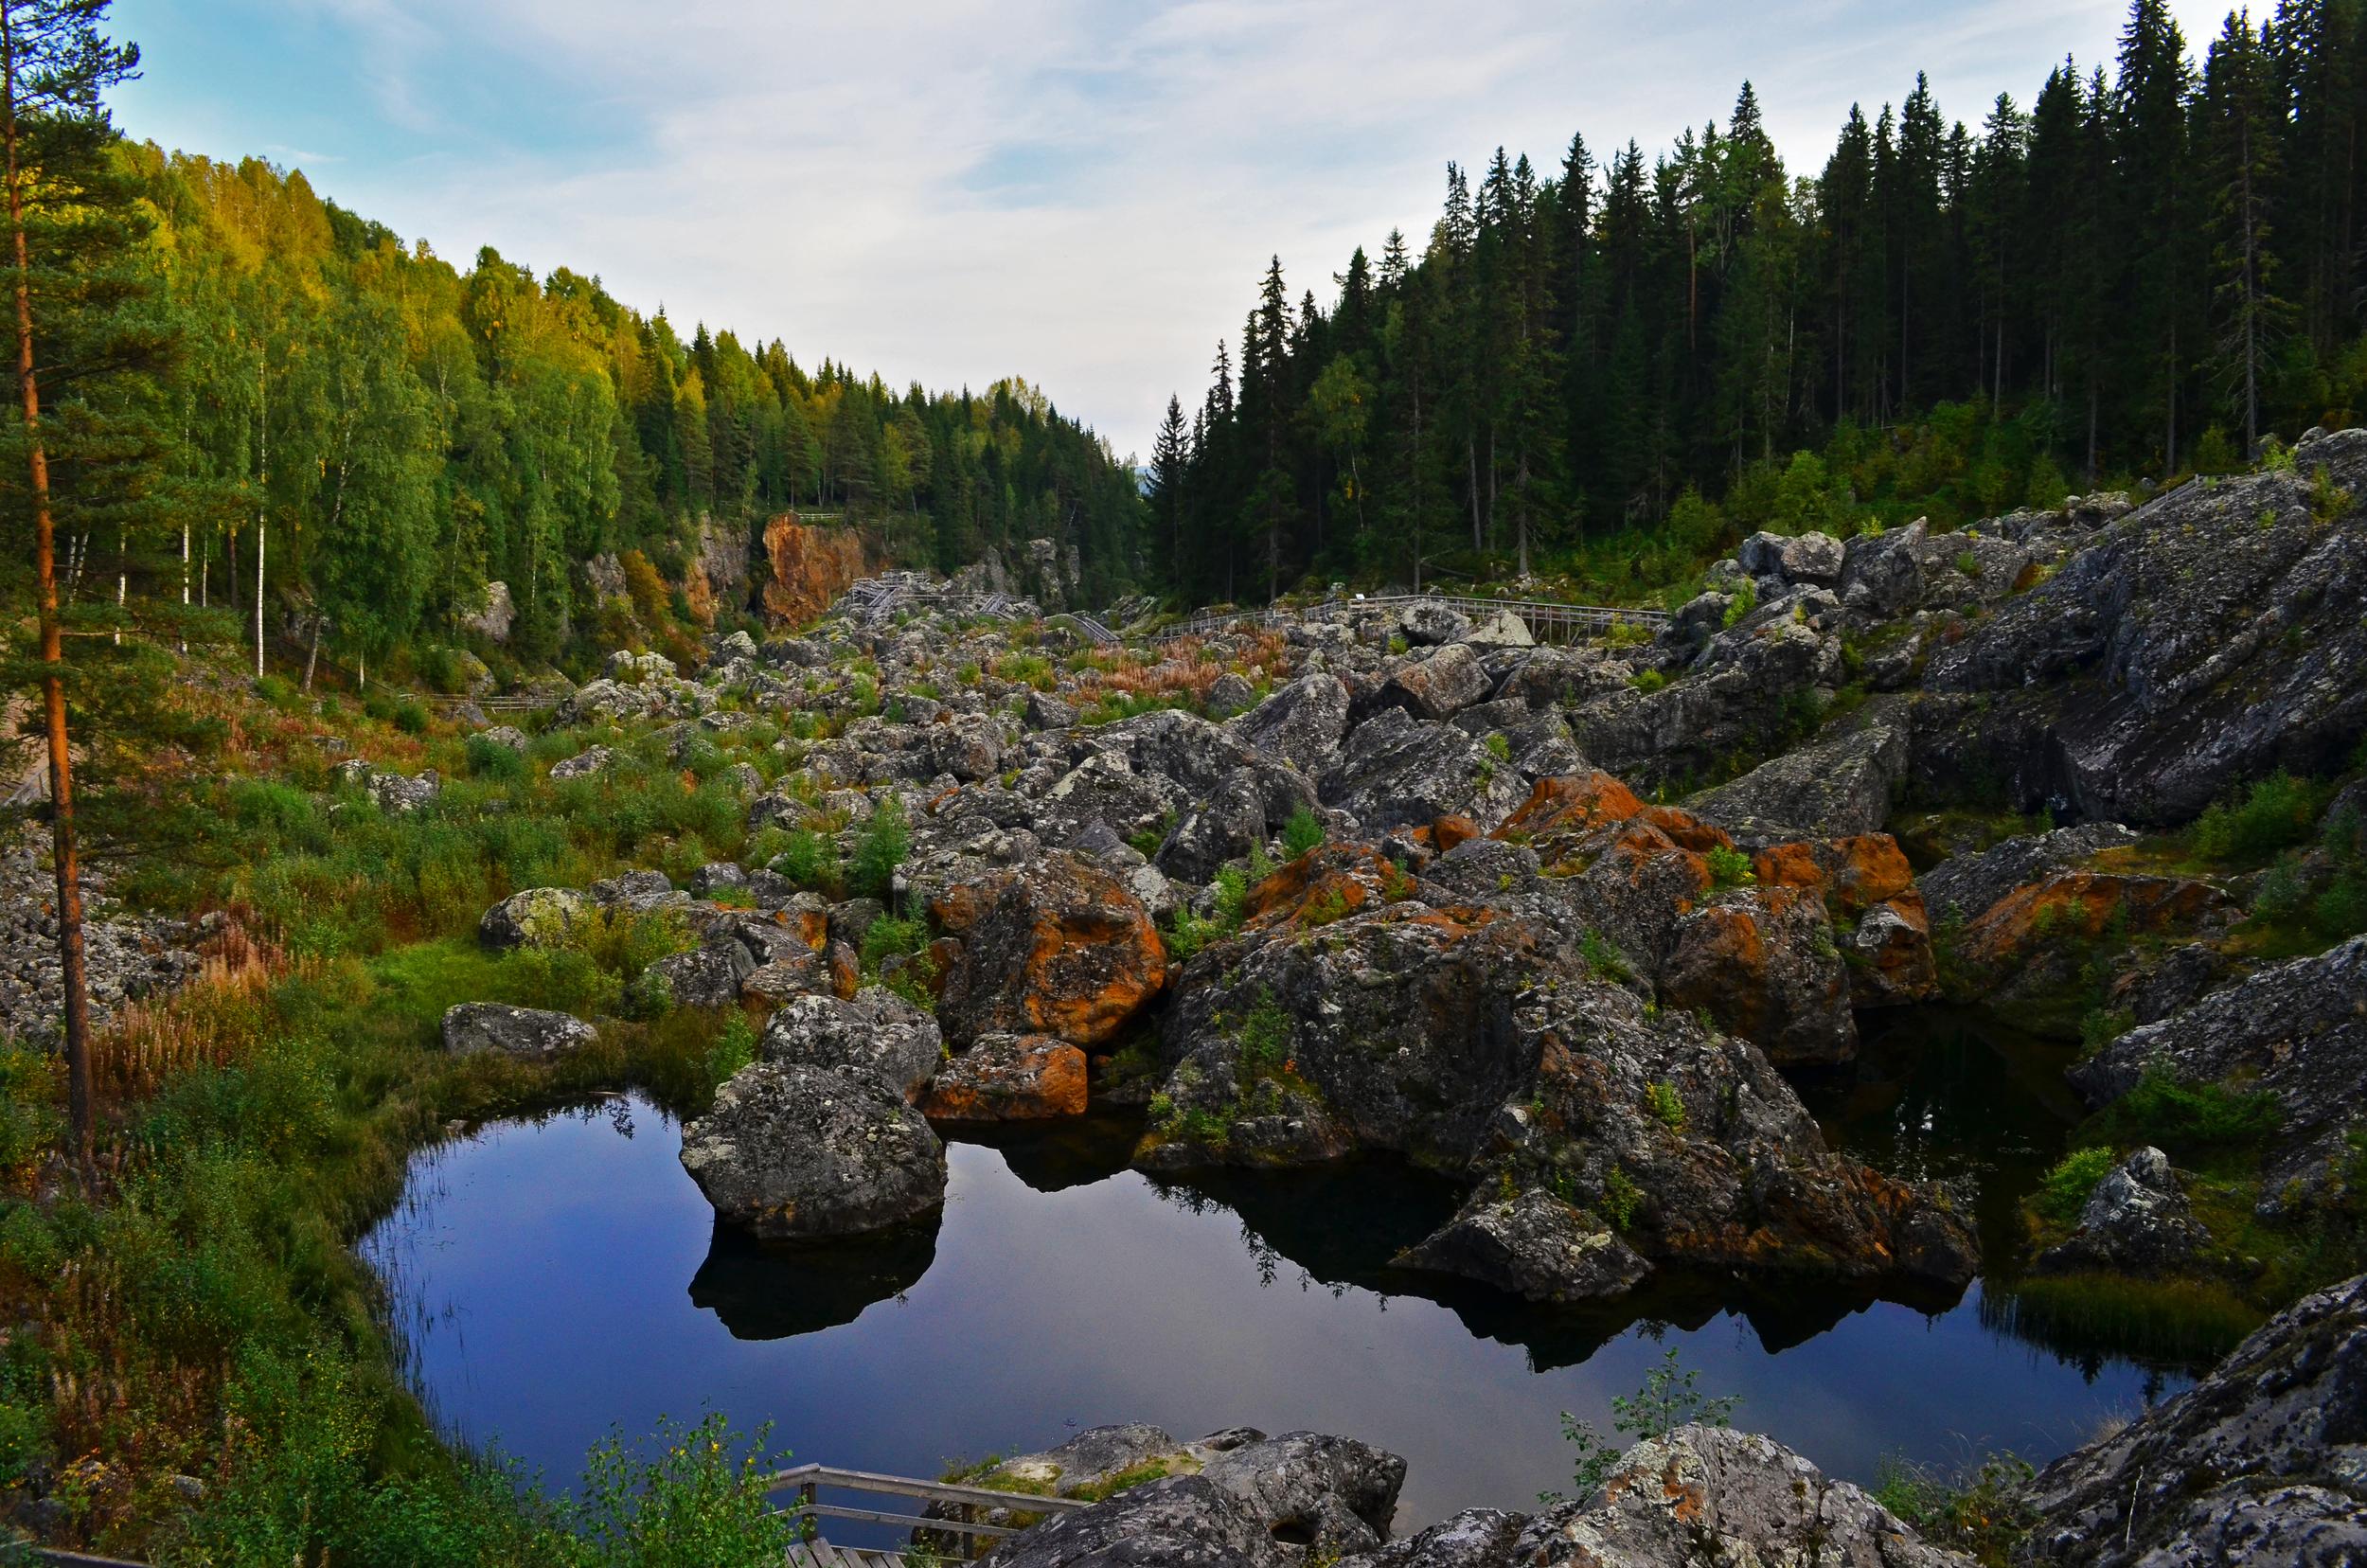 Doda Fallet, The Dead Waterfall, Sweden.